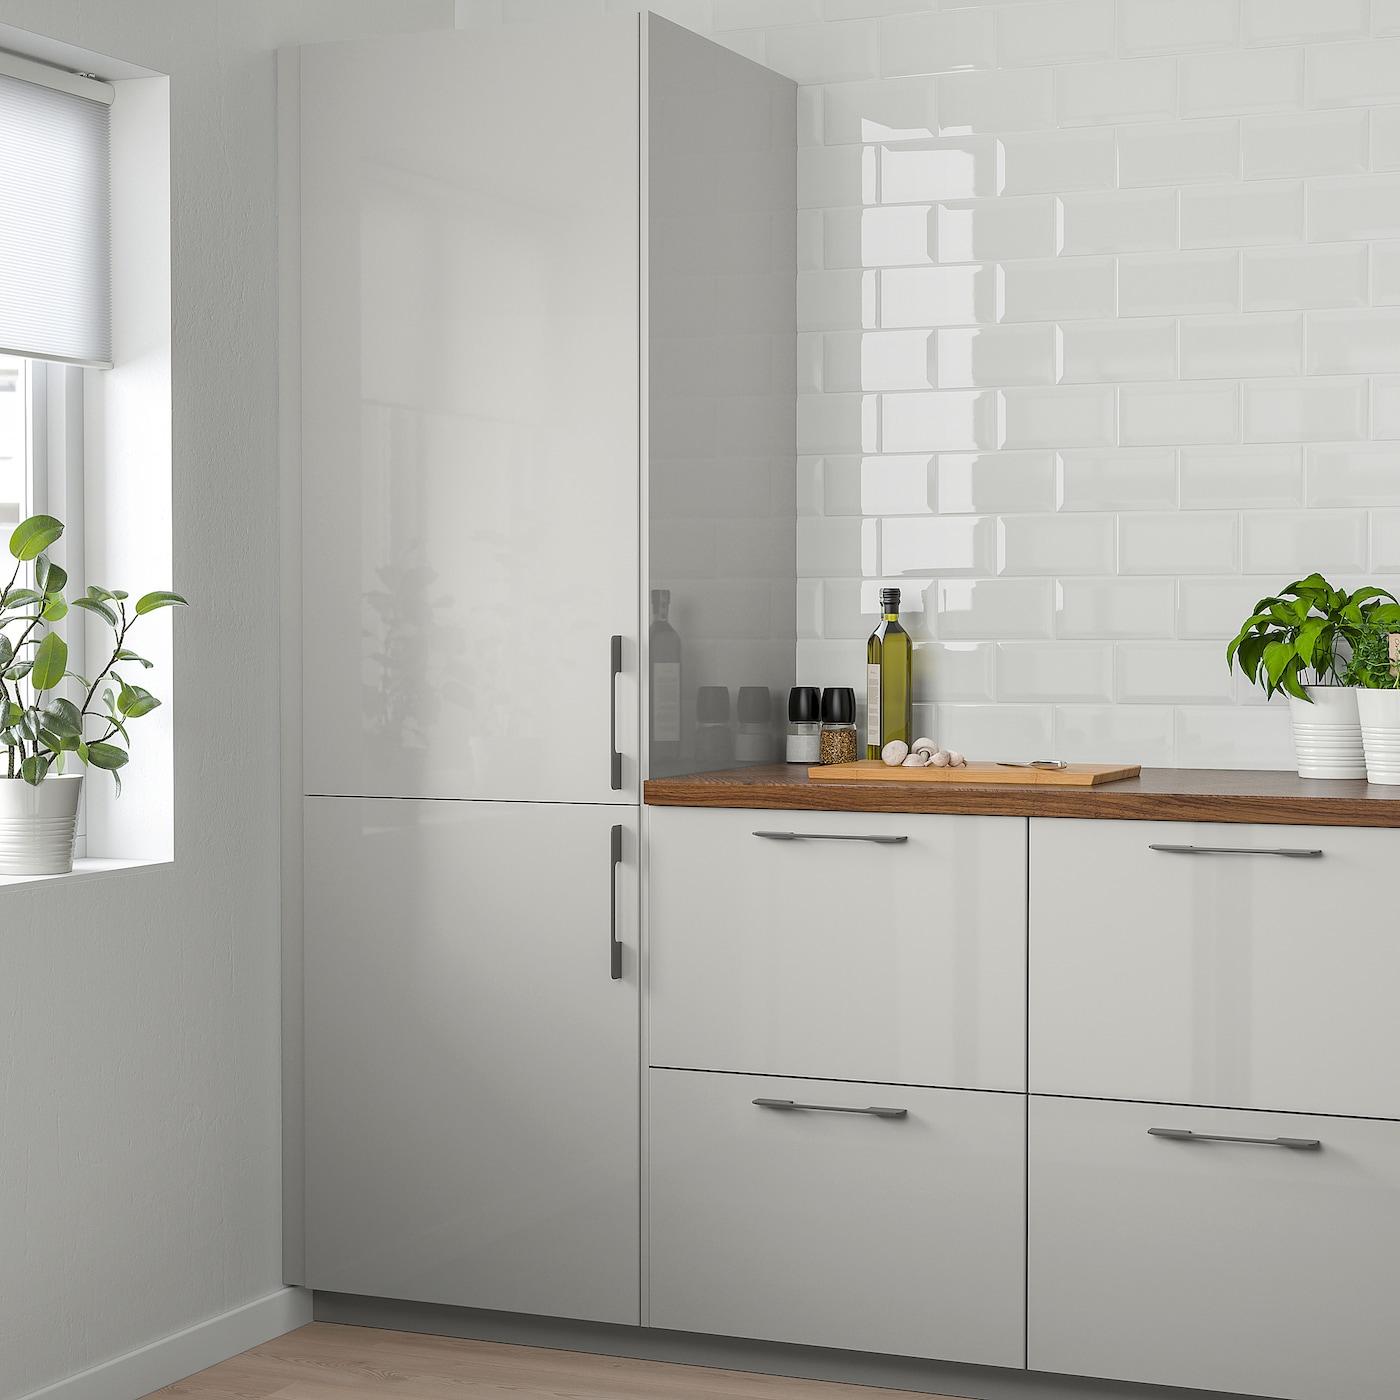 RINGHULT Door - high-gloss light grey 9x19 cm